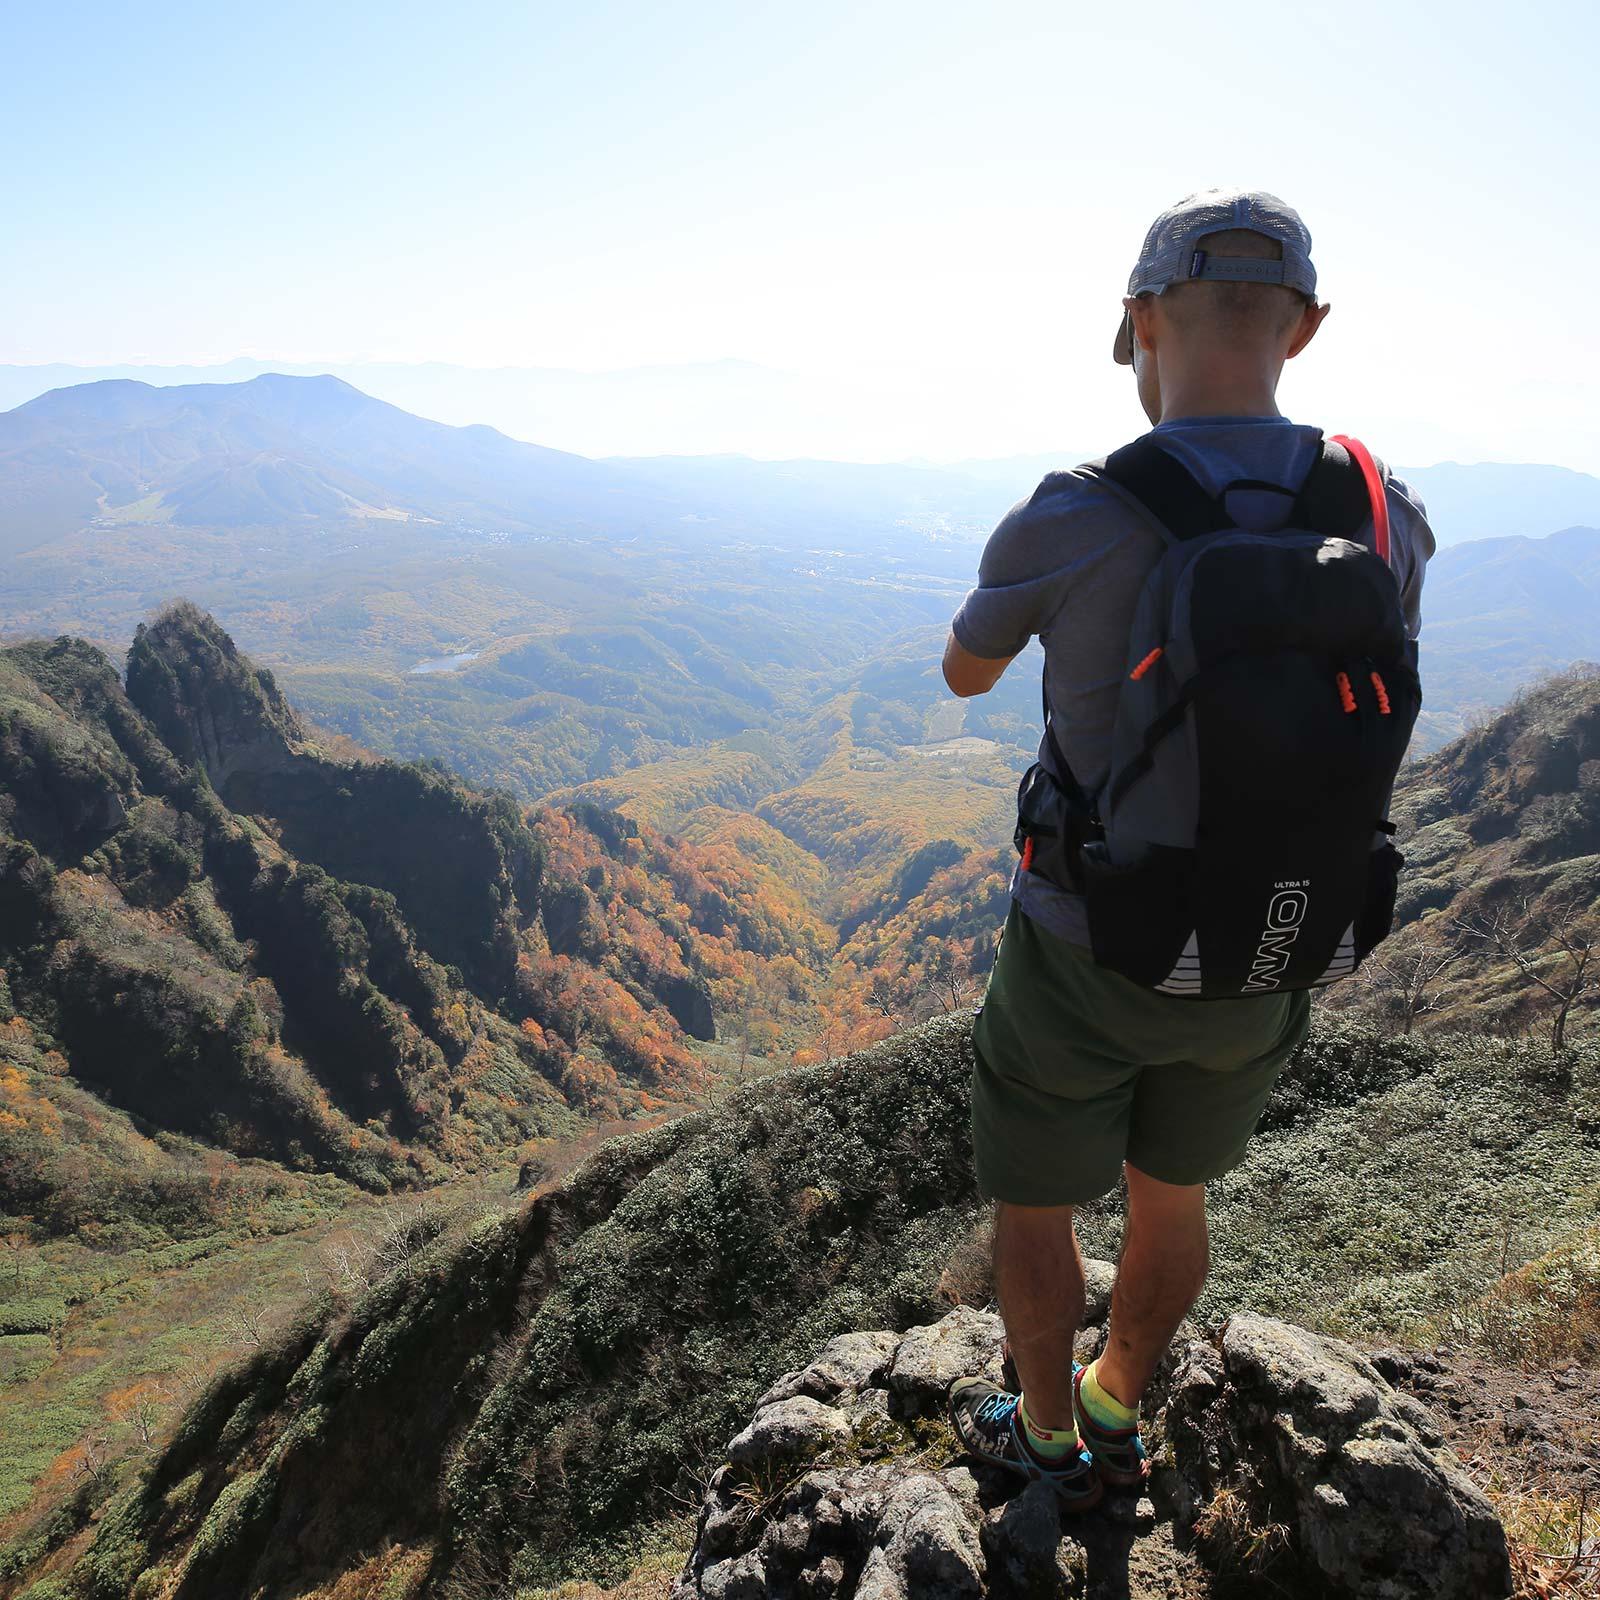 仲間と出かけたことで発見-ソロでは知らなかった登山の魅力